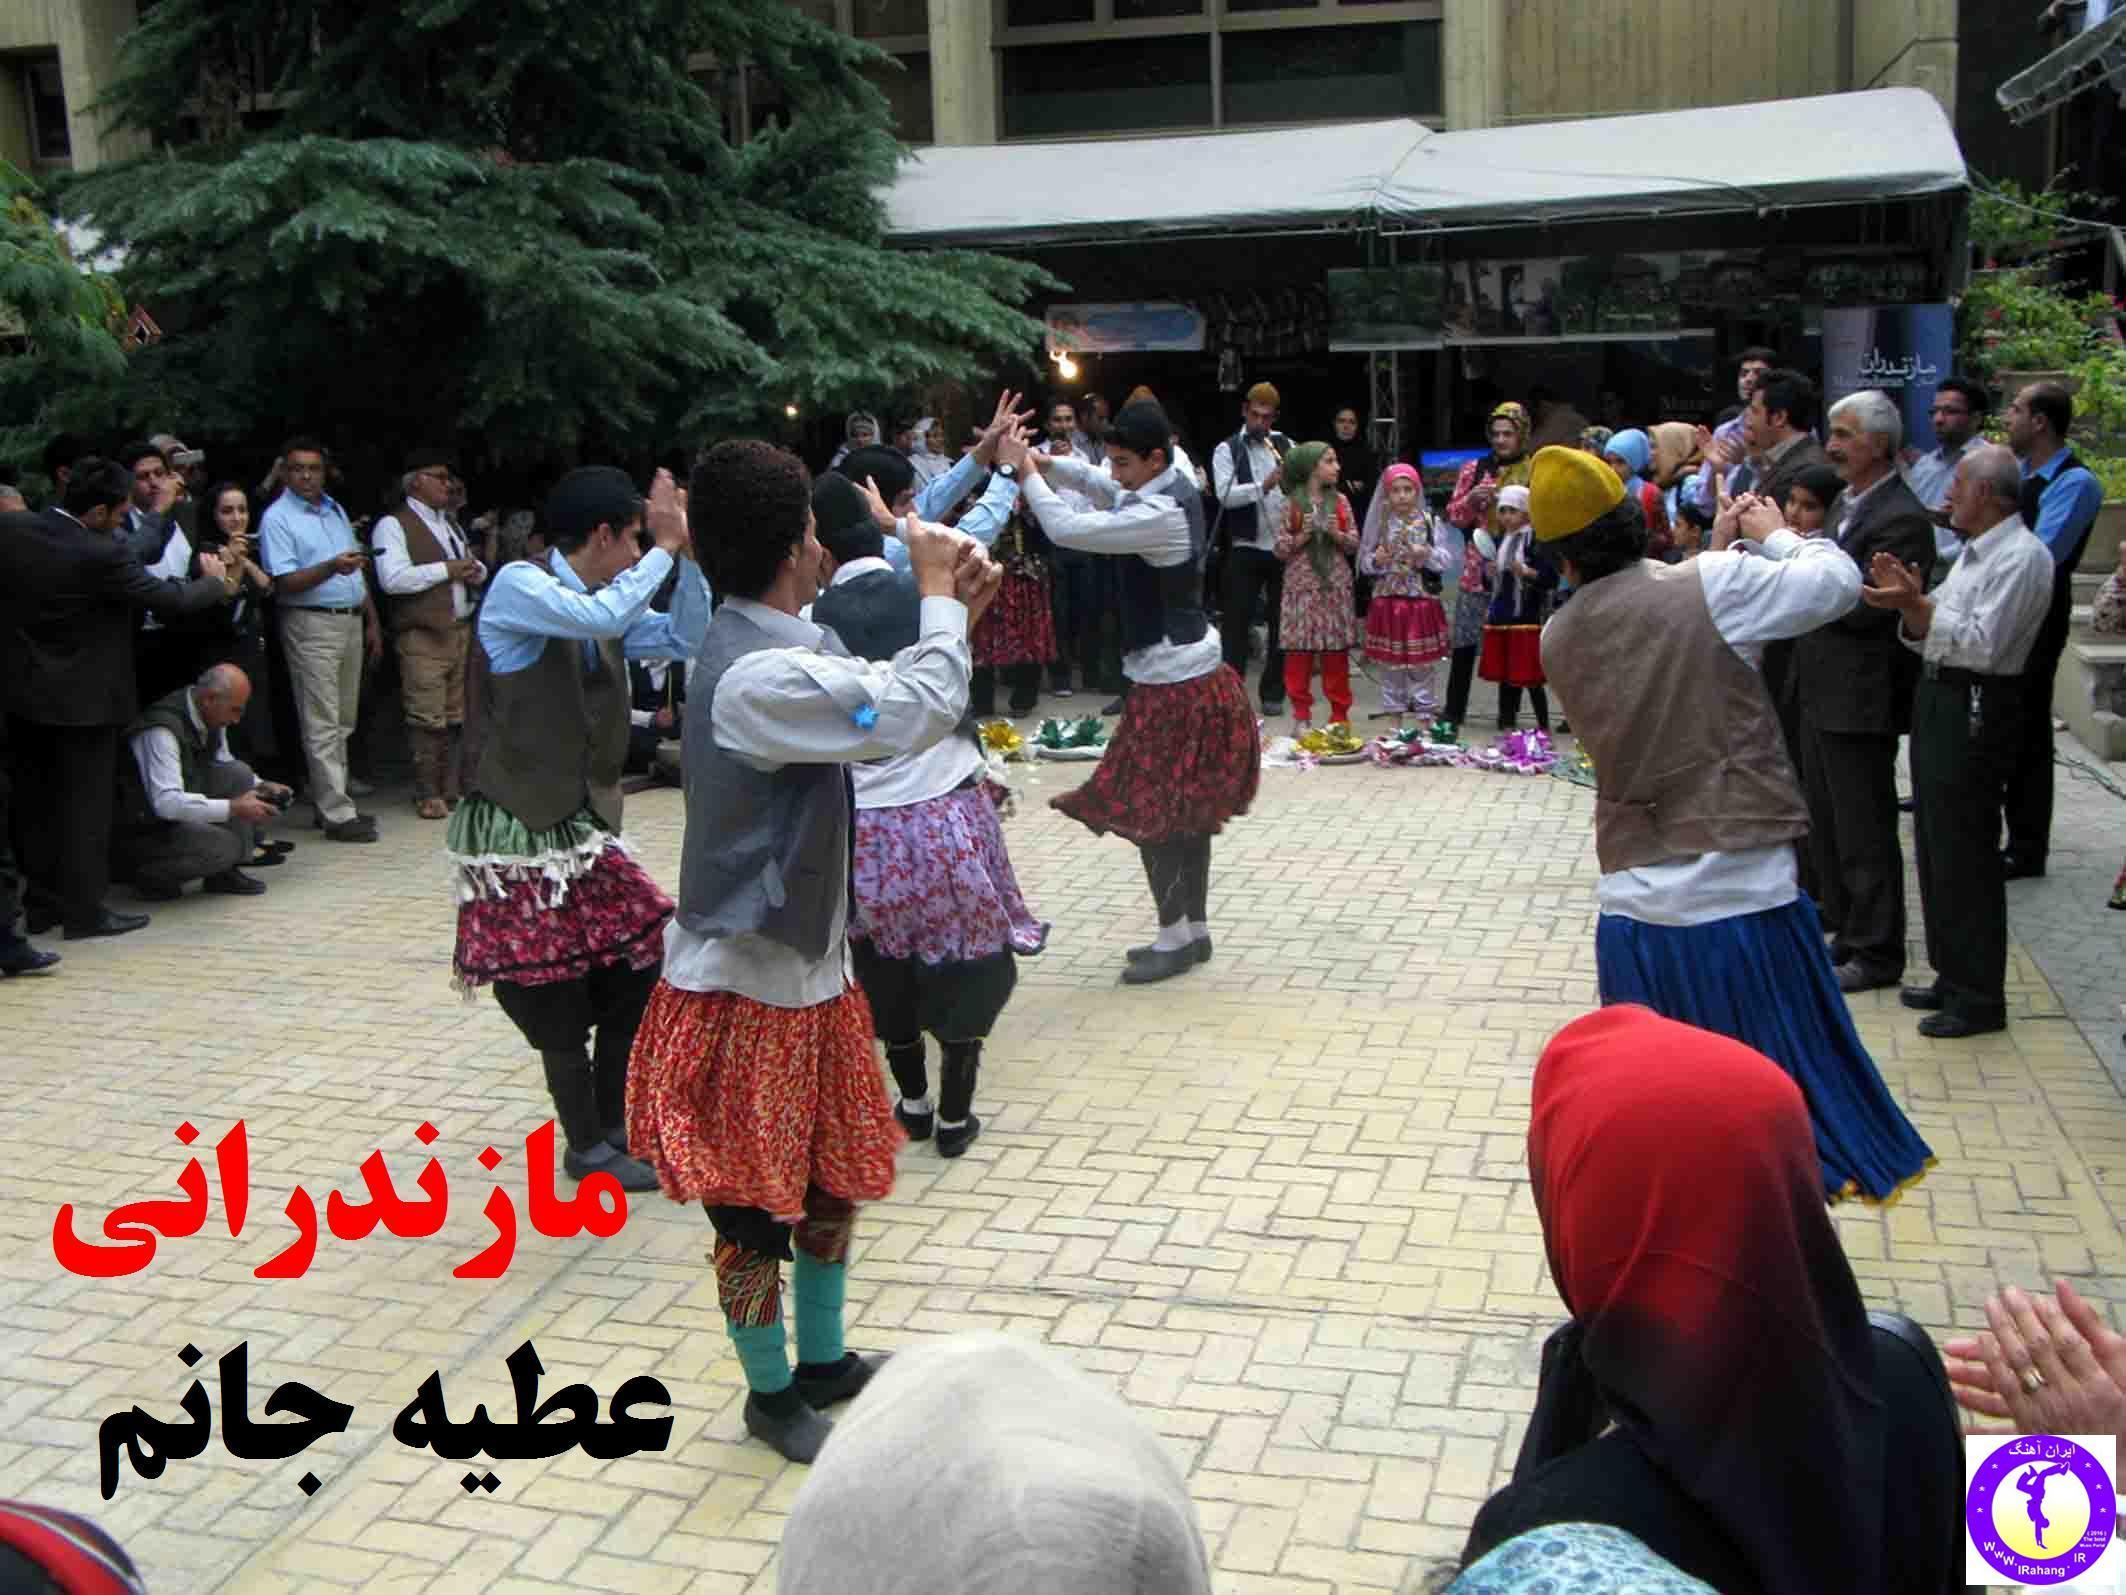 دانلود آهنگ شاد مازندرانی رزاقی به نام عطیه جانم